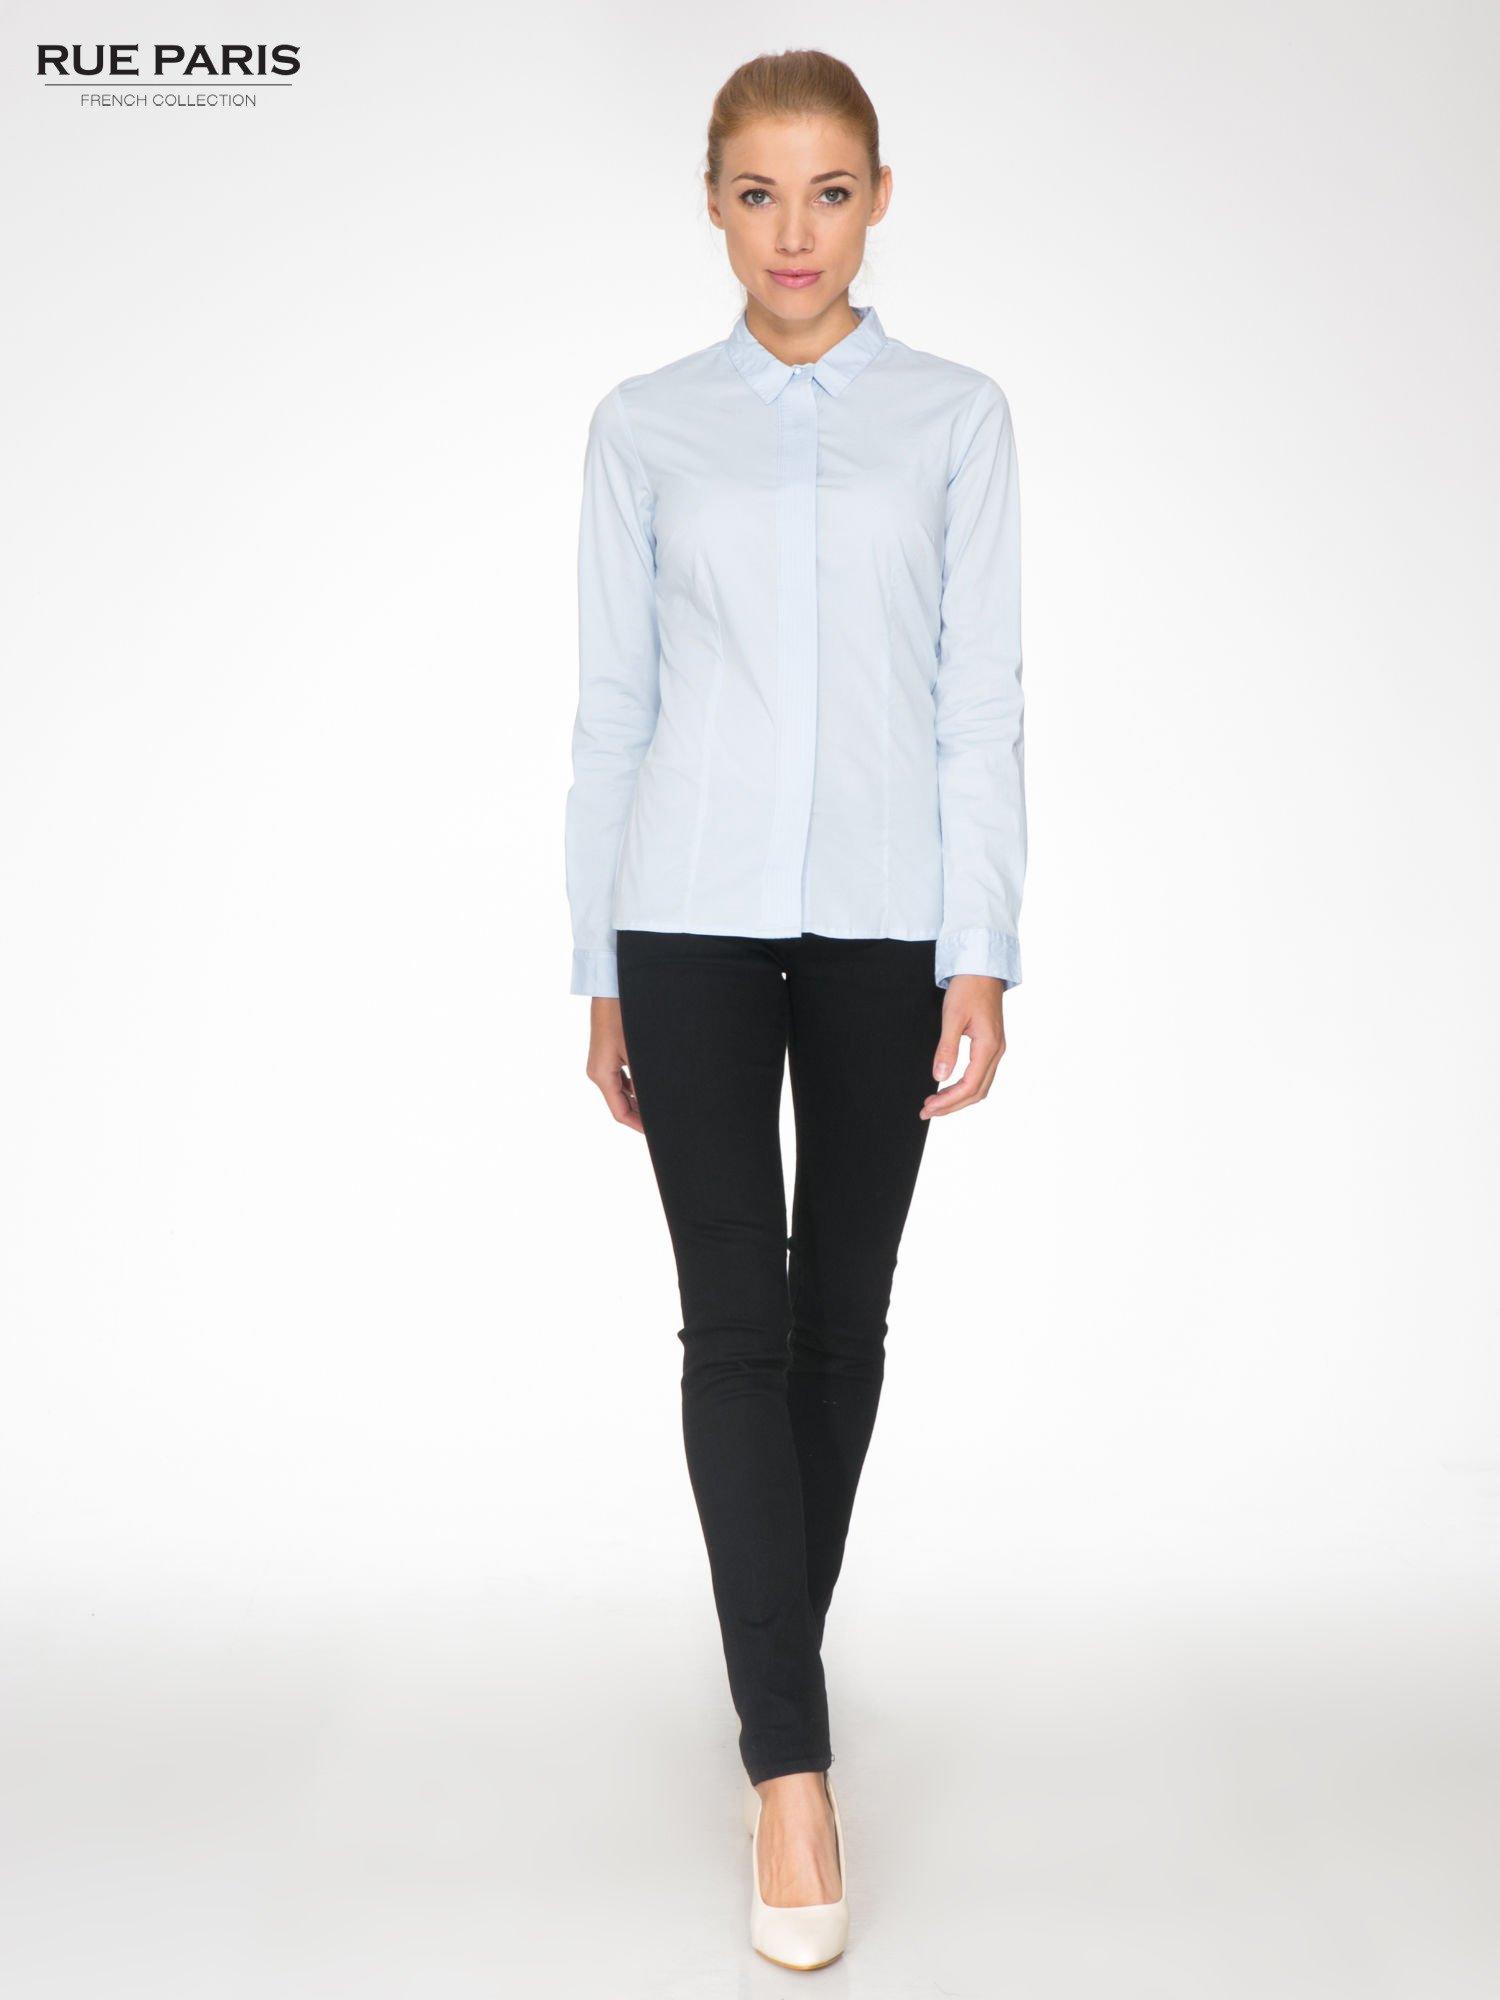 Jasnoniebieska koszula damska z ozdobną listwą                                  zdj.                                  2